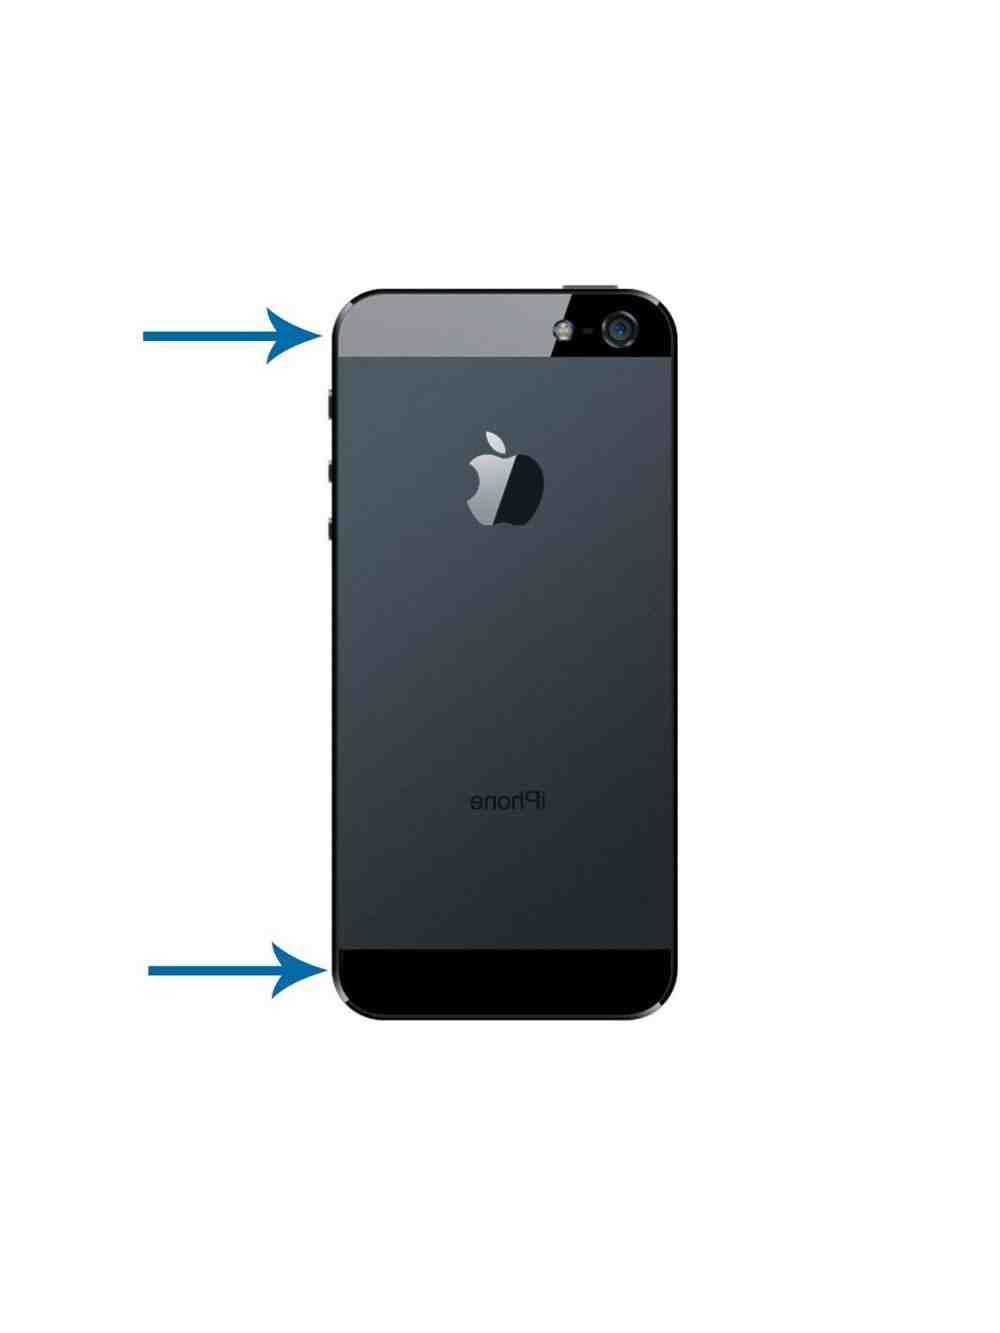 Remplacement de la vitre de l'Iphone 5